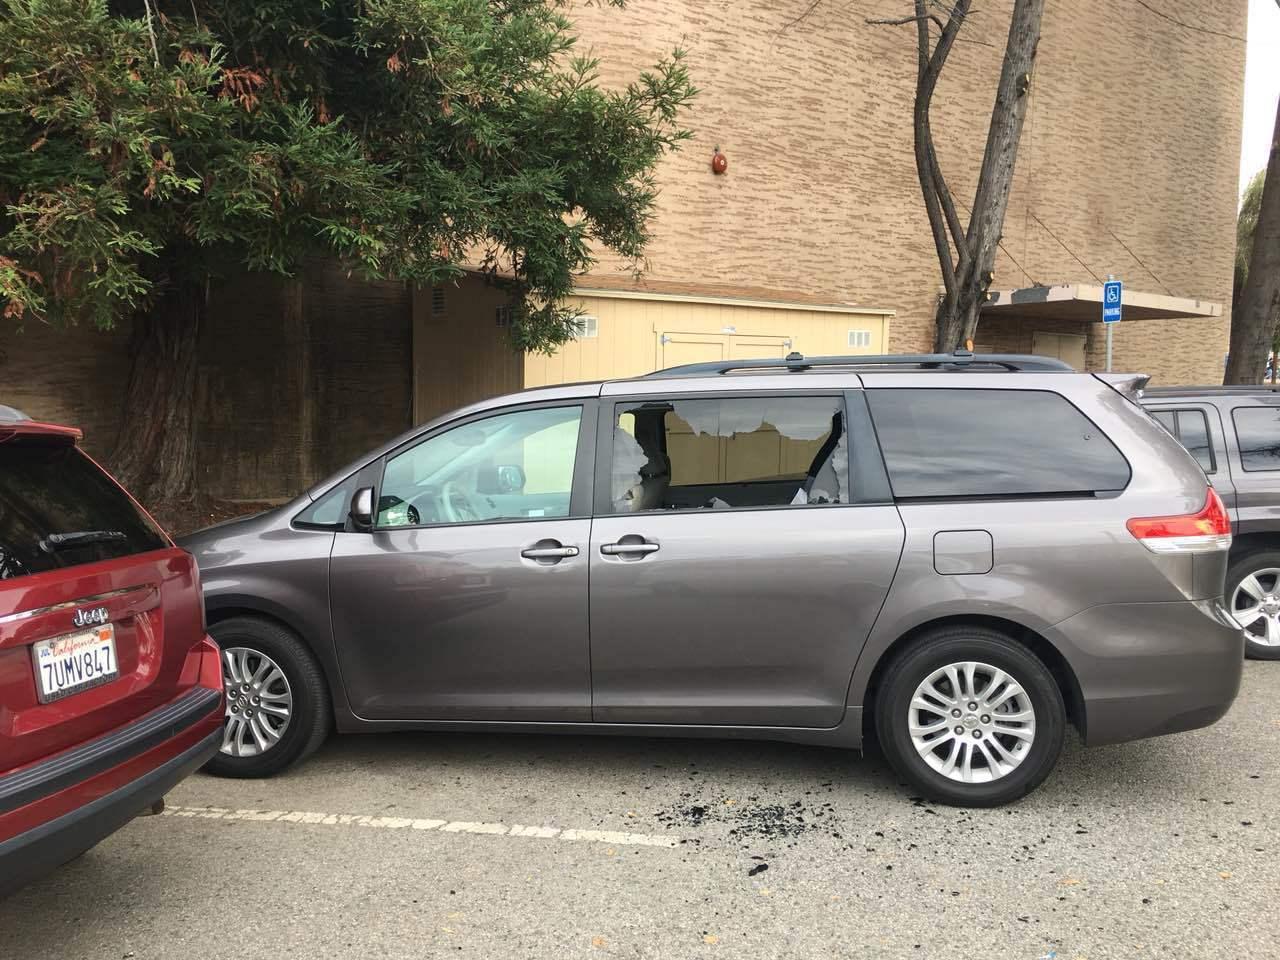 在25日位於舊金山藝術宮有車子車窗被砸。(讀者提供)